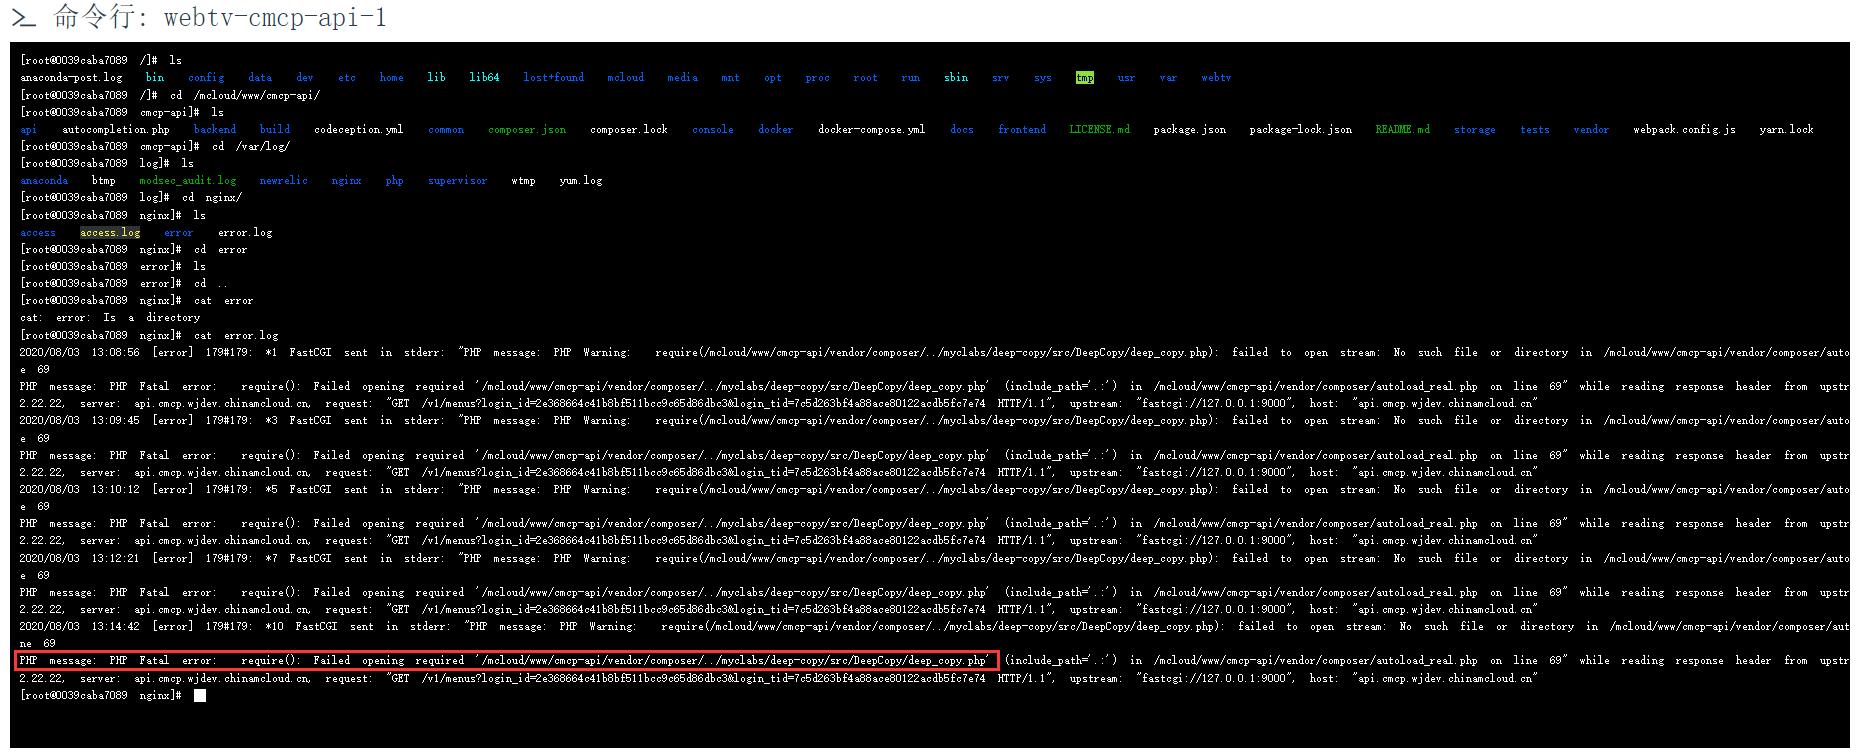 查看 Nginx 的错误日志:PHP message: PHP Fatal error:  require(): Failed opening required '/mcloud/www/cmcp-api/vendor/composer/../myclabs/deep-copy/src/DeepCopy/deep_copy.php'。